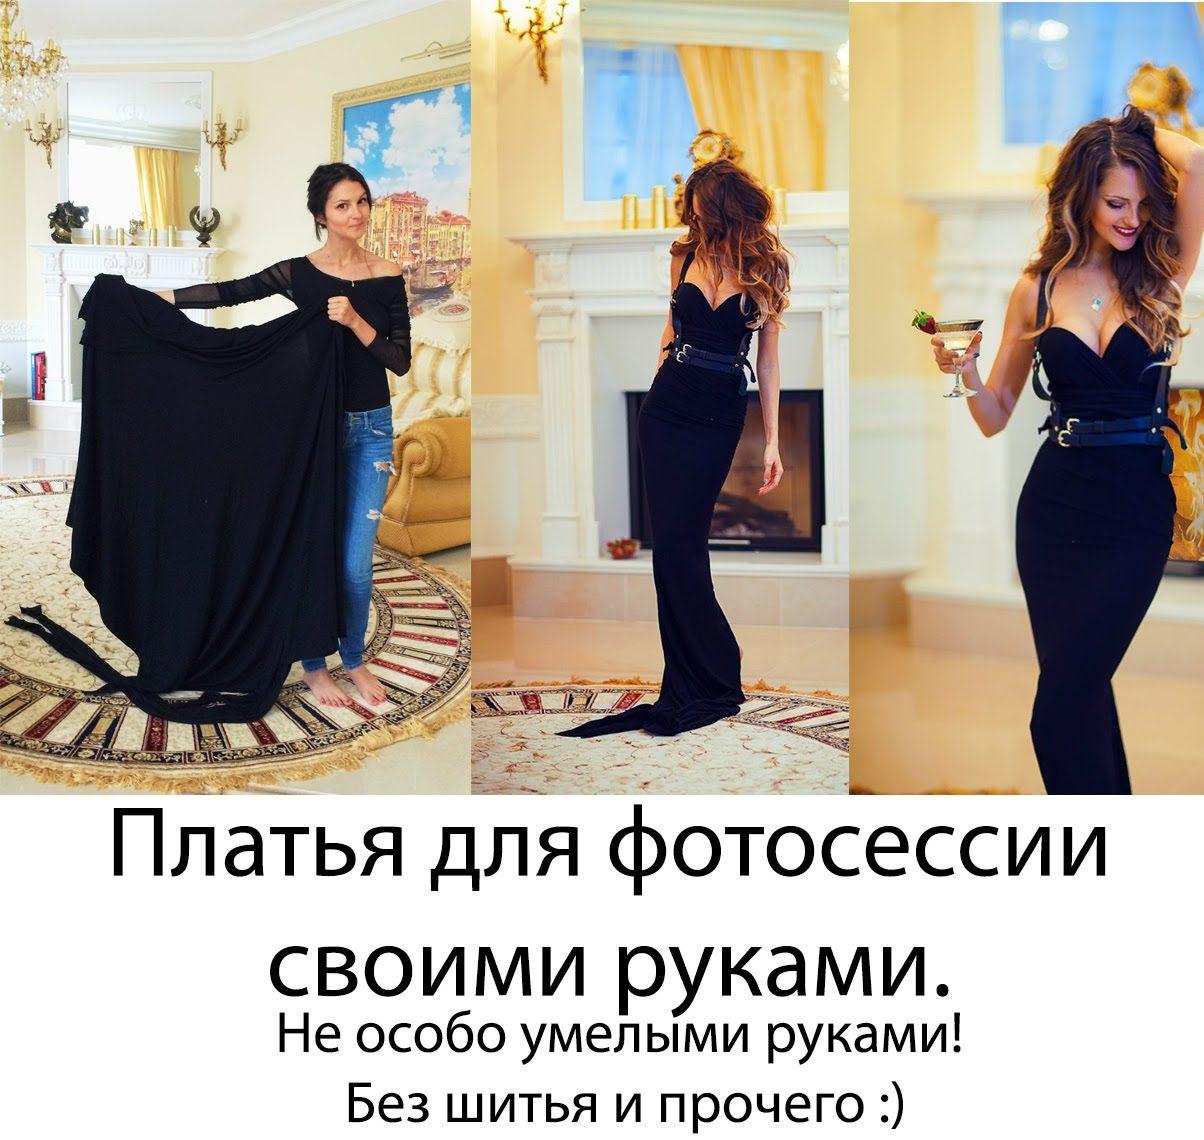 Выкройки ритуальных платьев фото 911